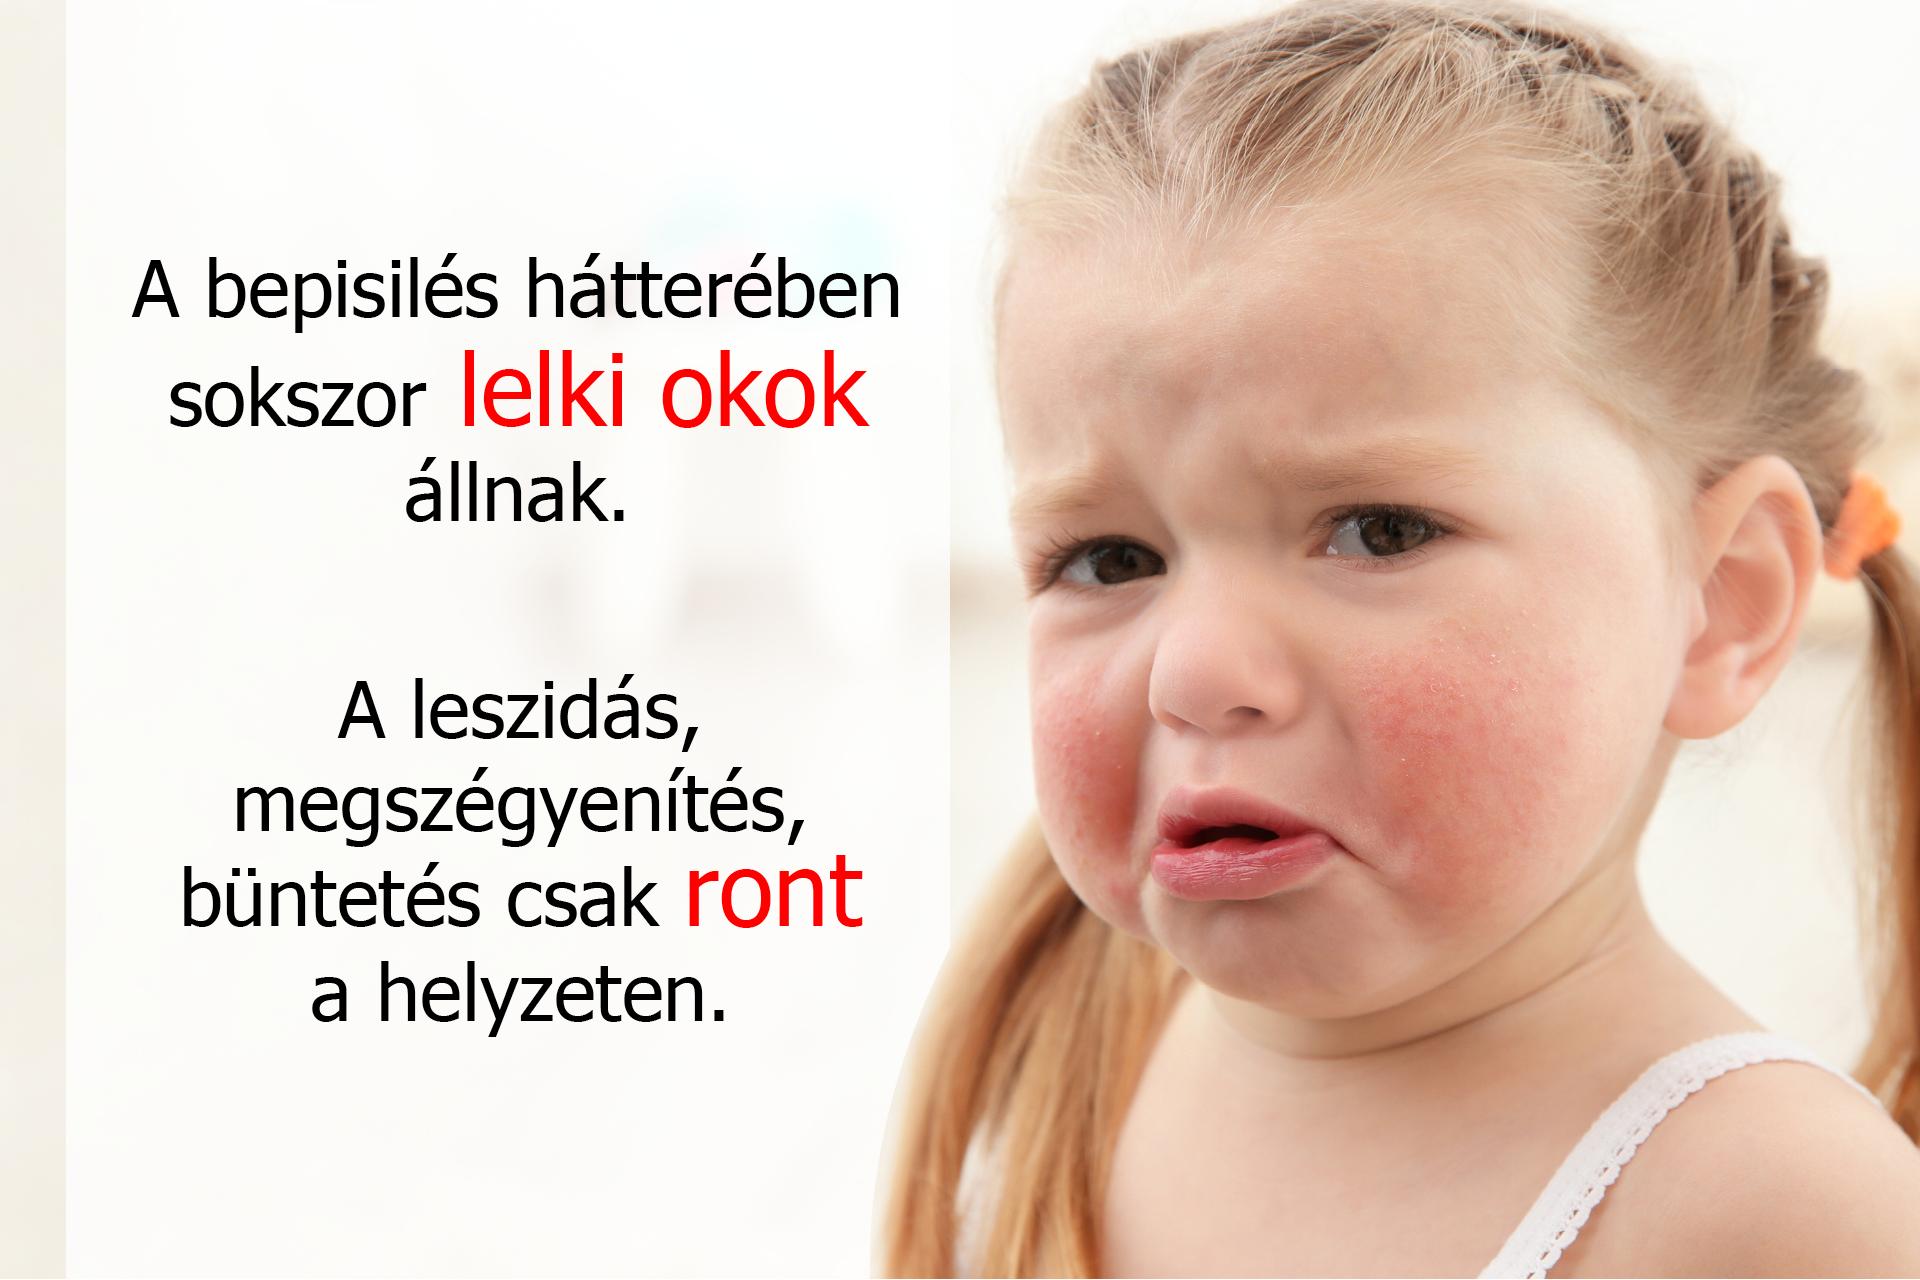 Kislány sír